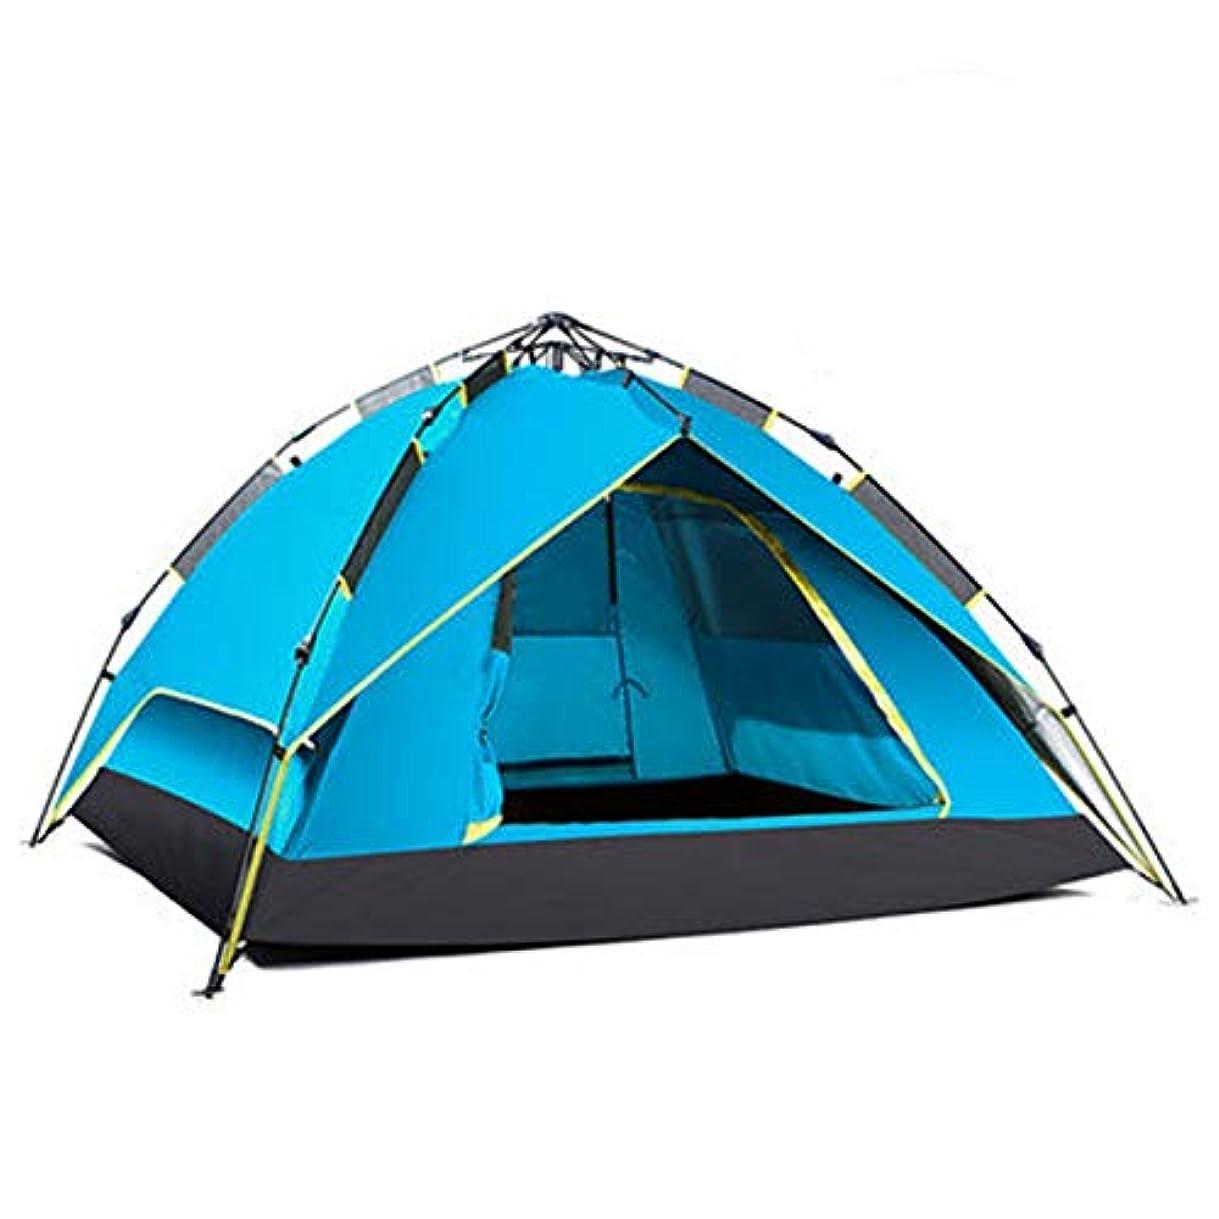 かもしれない頻繁に災難新しい屋外自動スピードオープンテント3-4人自動傘スタンドテント